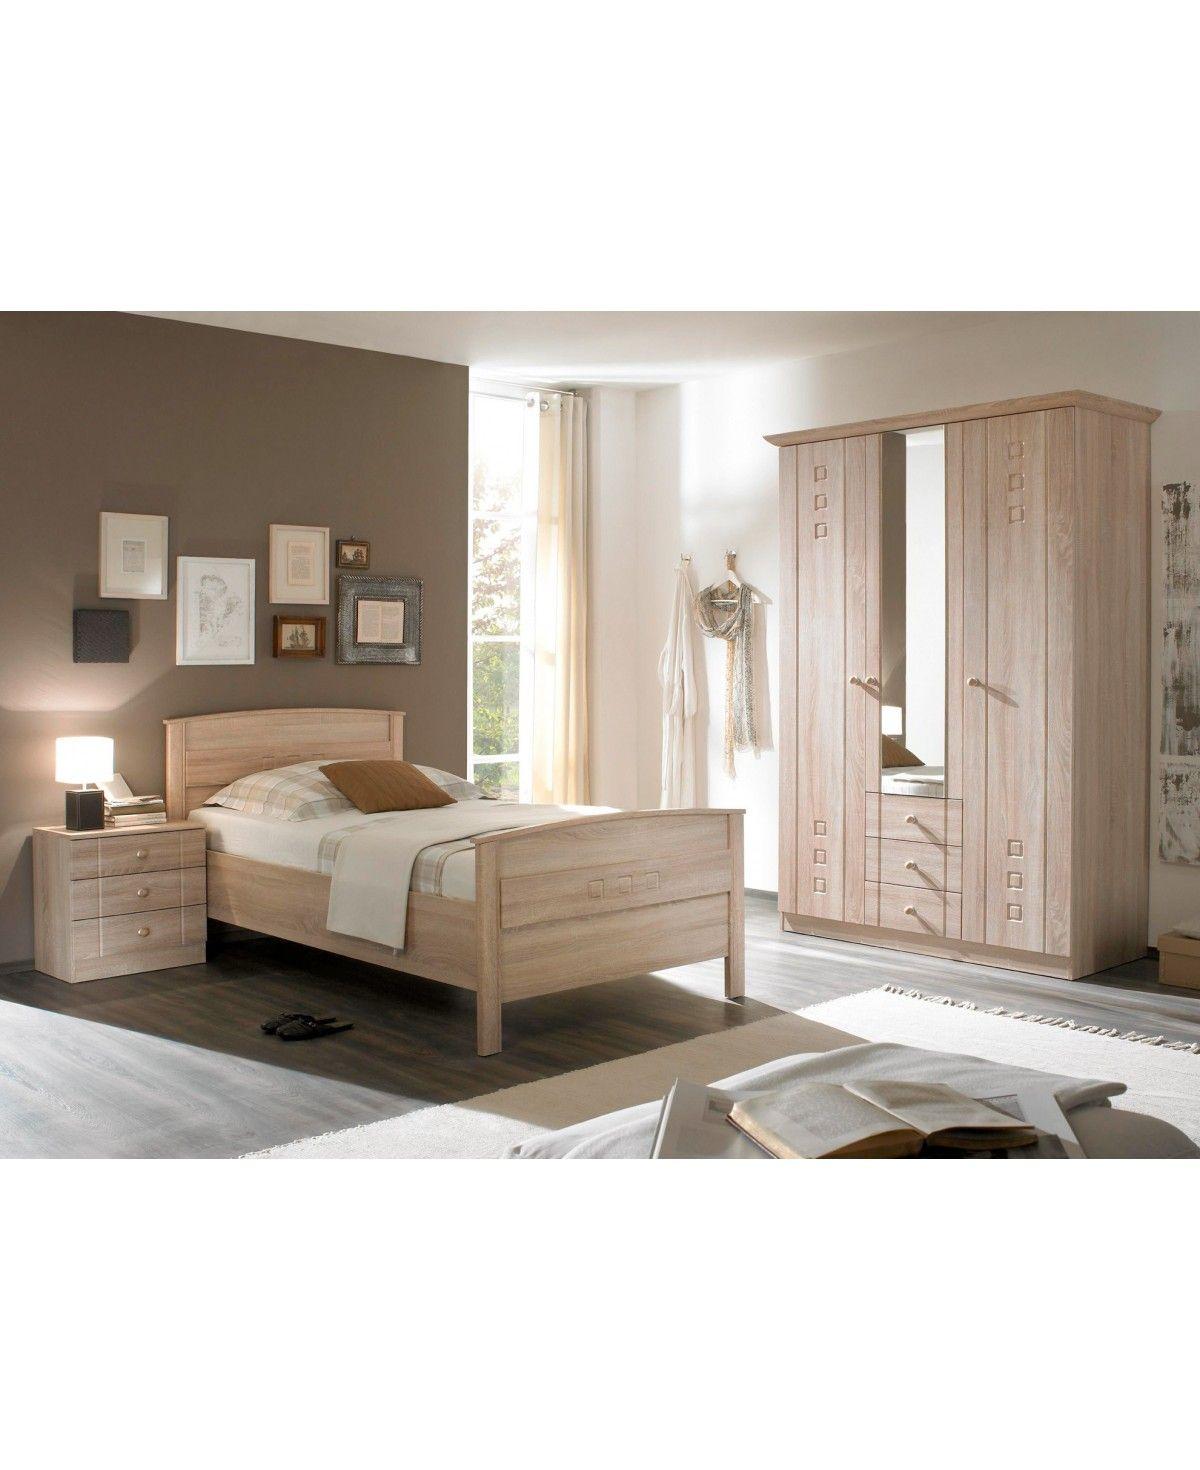 Schlafzimmer Seniorenzimmer Komfortbett Schrank Kommode Eiche Dekor